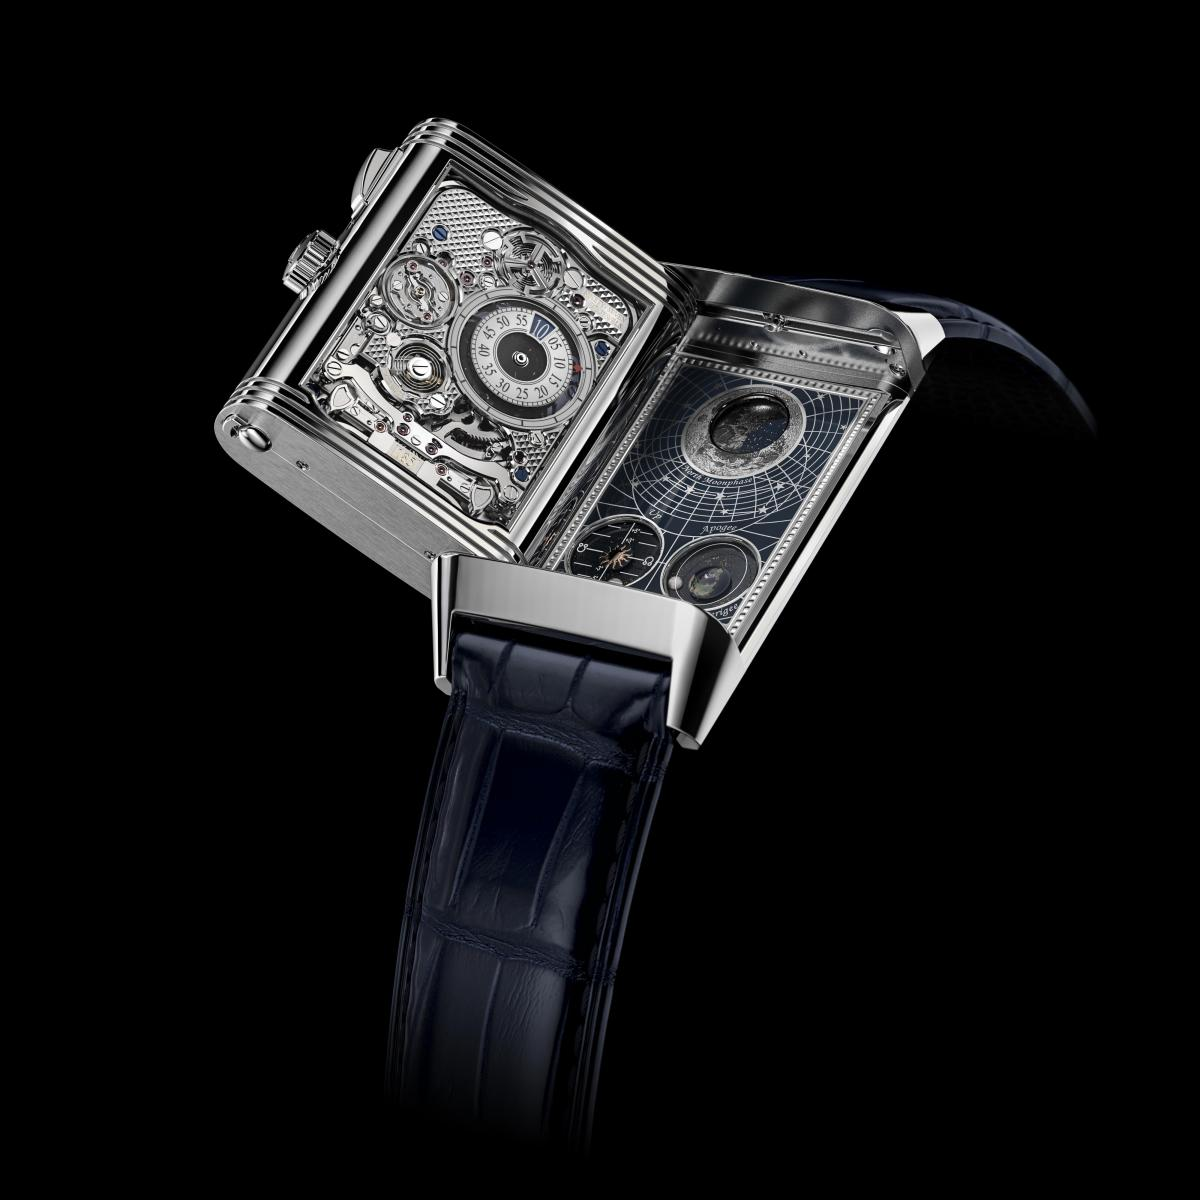 Jaeger-LeCoultre, con la sua esperienza lunga 188 anni ridefinisce ancora una volta i confini dell'alta orologeria meccanica.